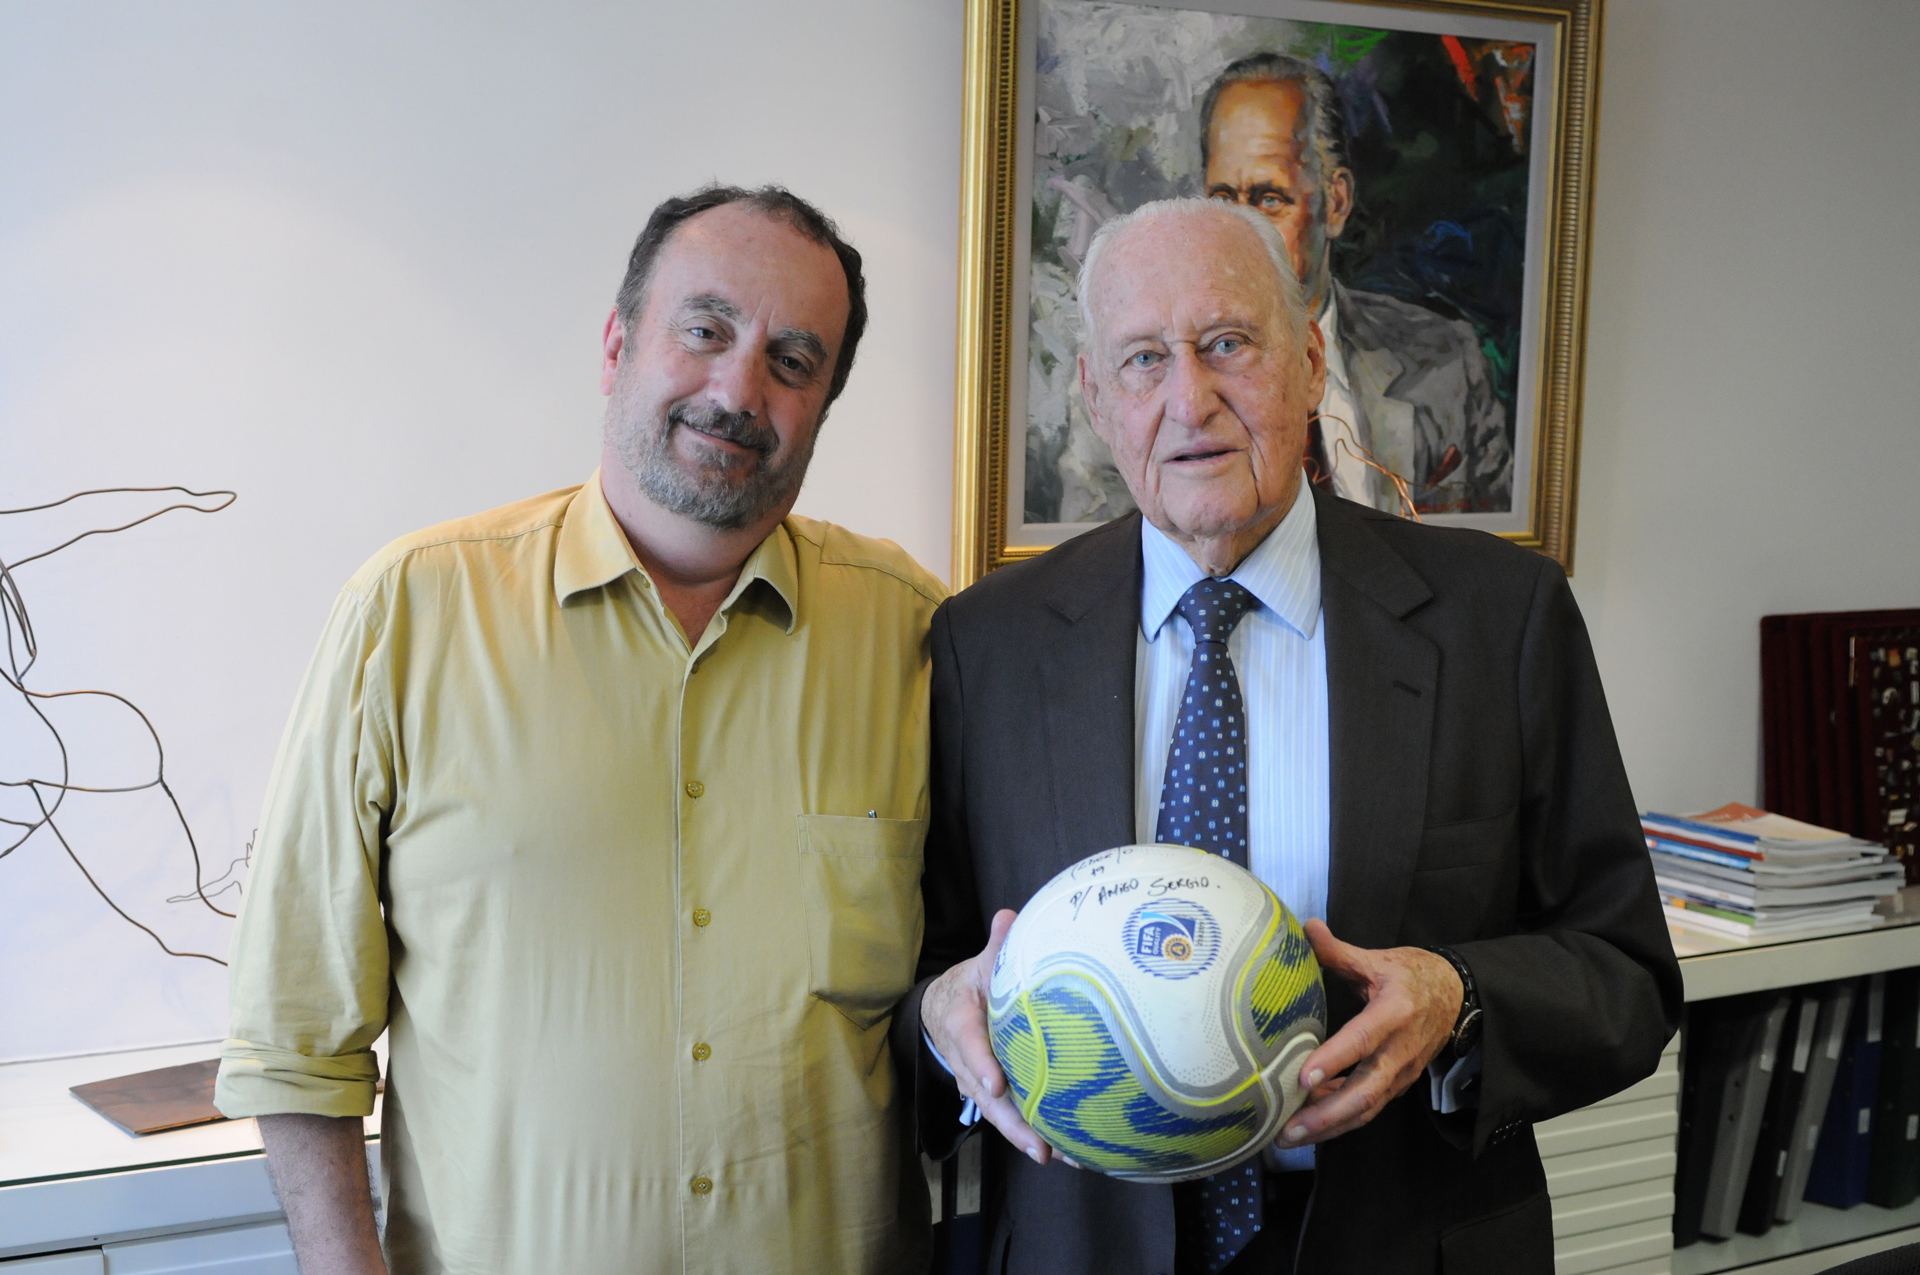 Guillermo Planel e João Havelange, no dia da entrevista.